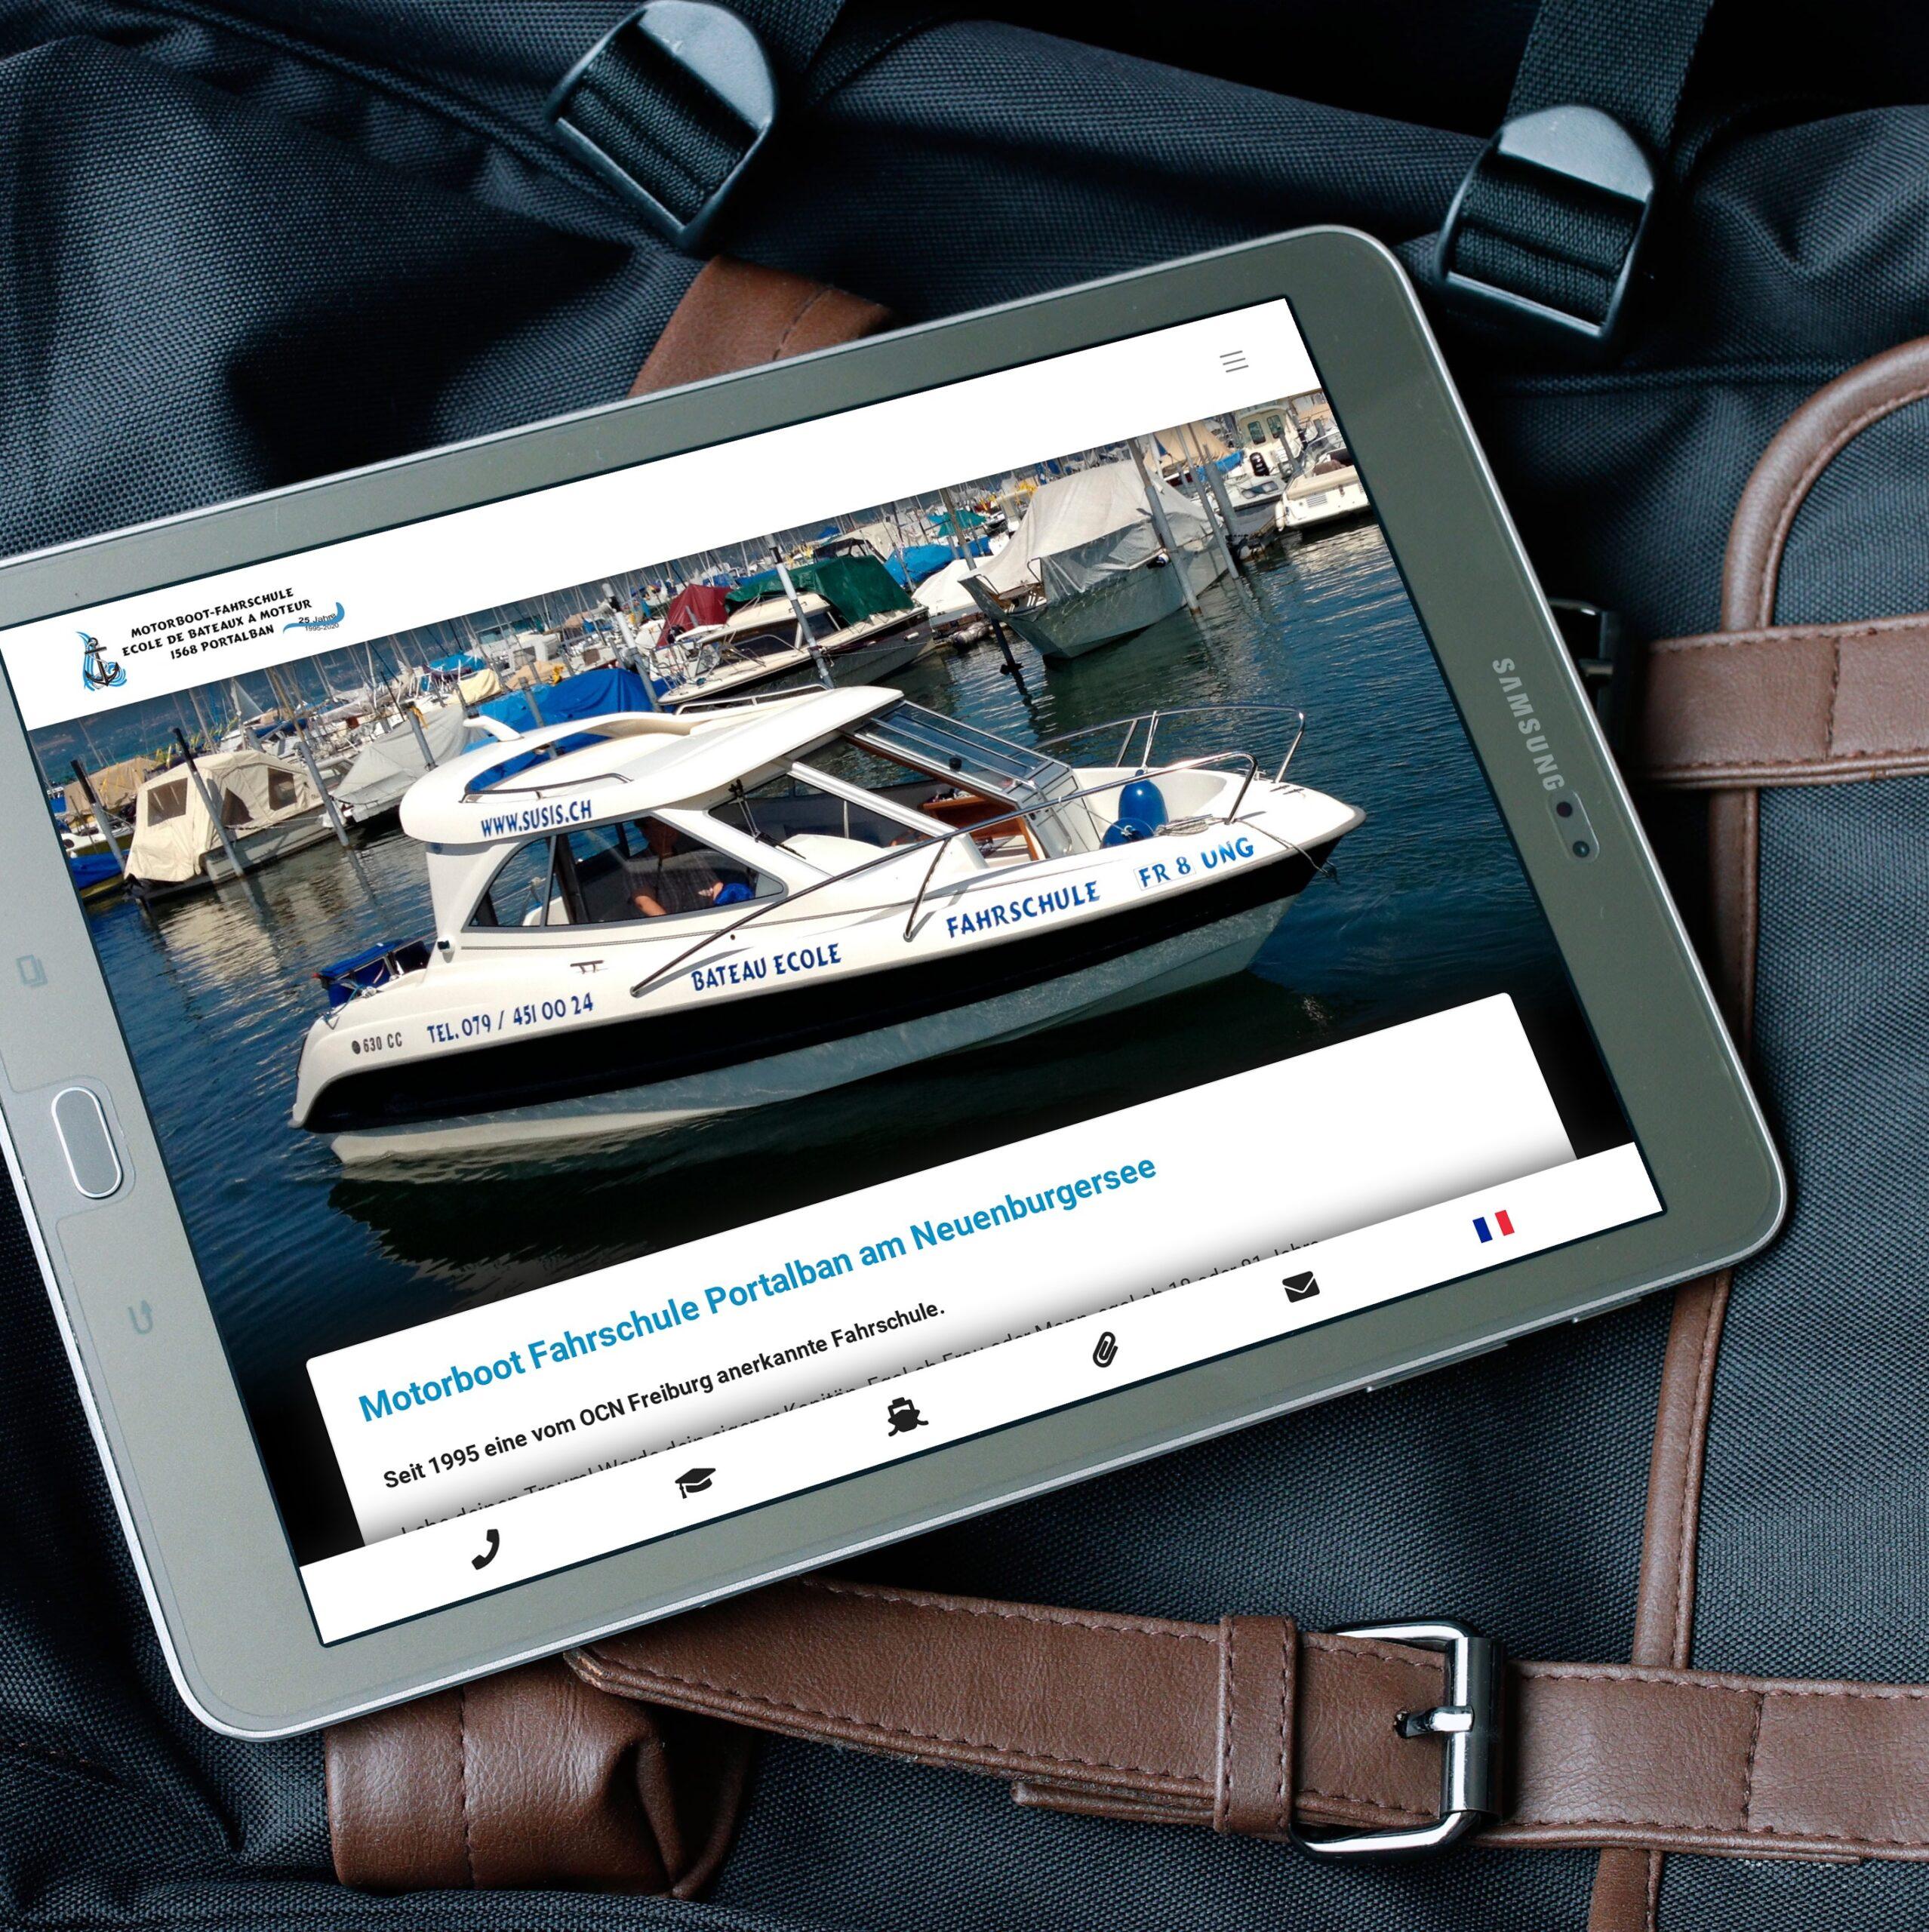 Webseite für Motorboot Fahrschule aus Portalban am Neuenburger See